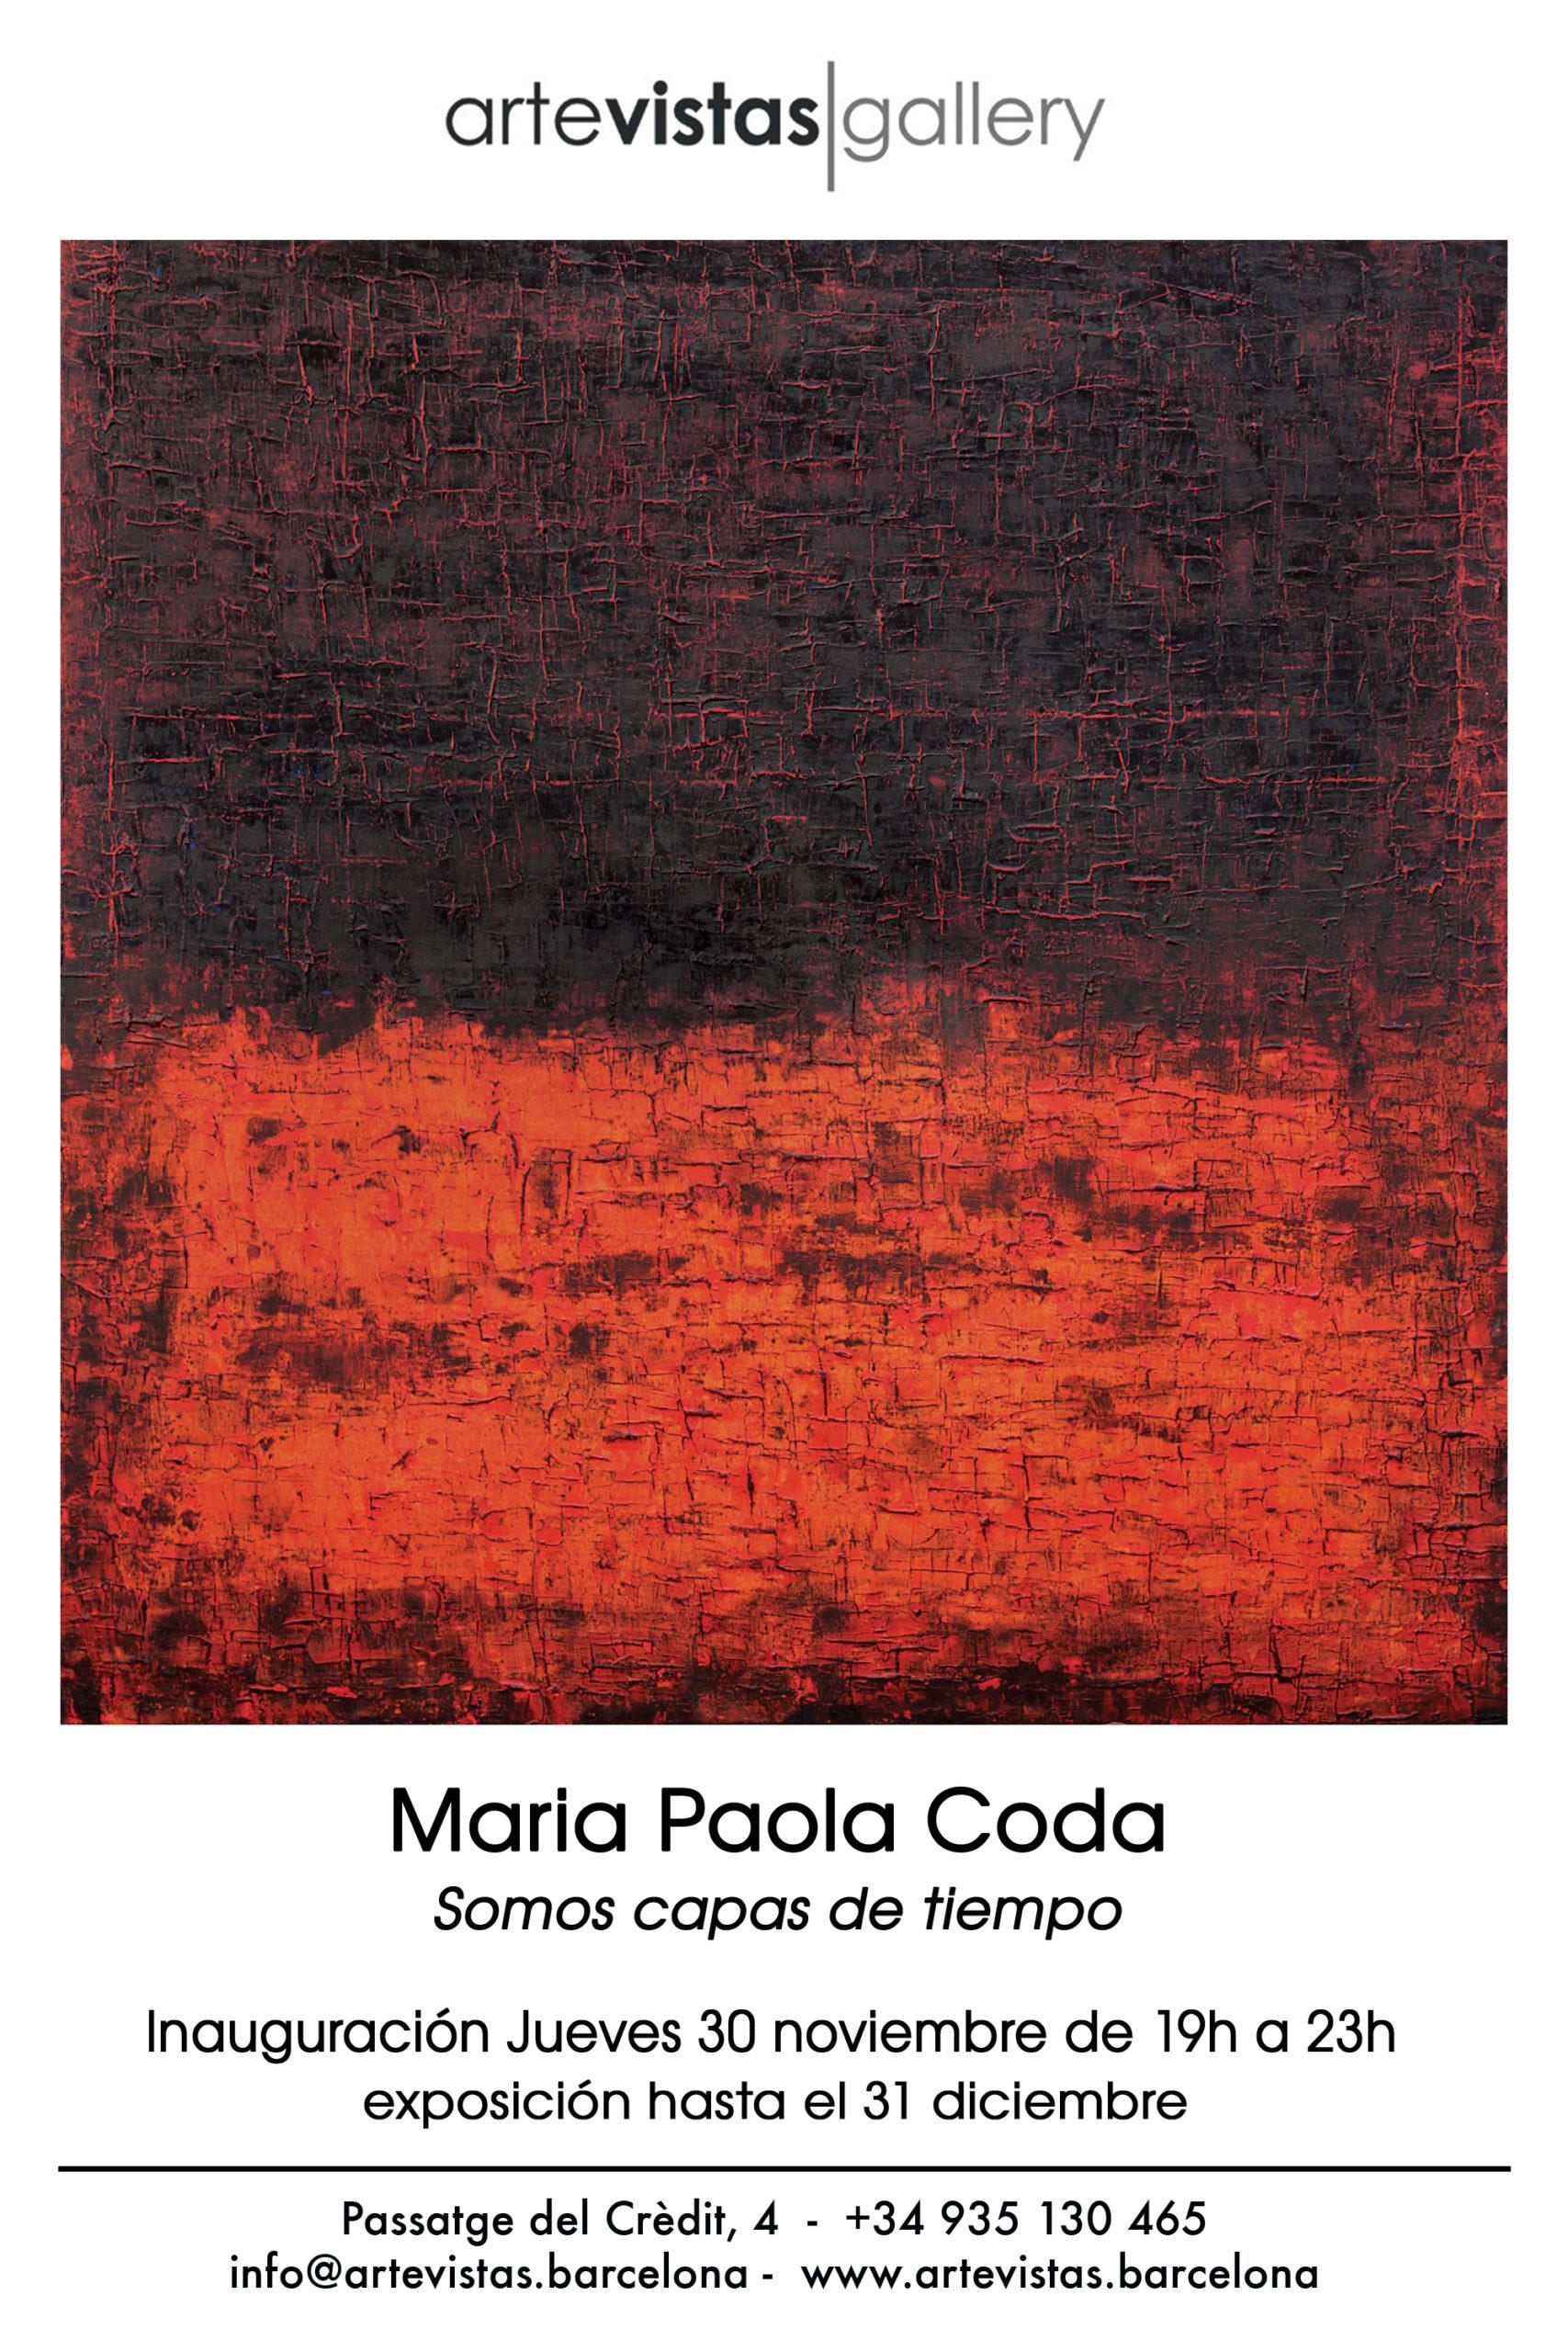 Somos capas de tiempo - Maria Paola Coda